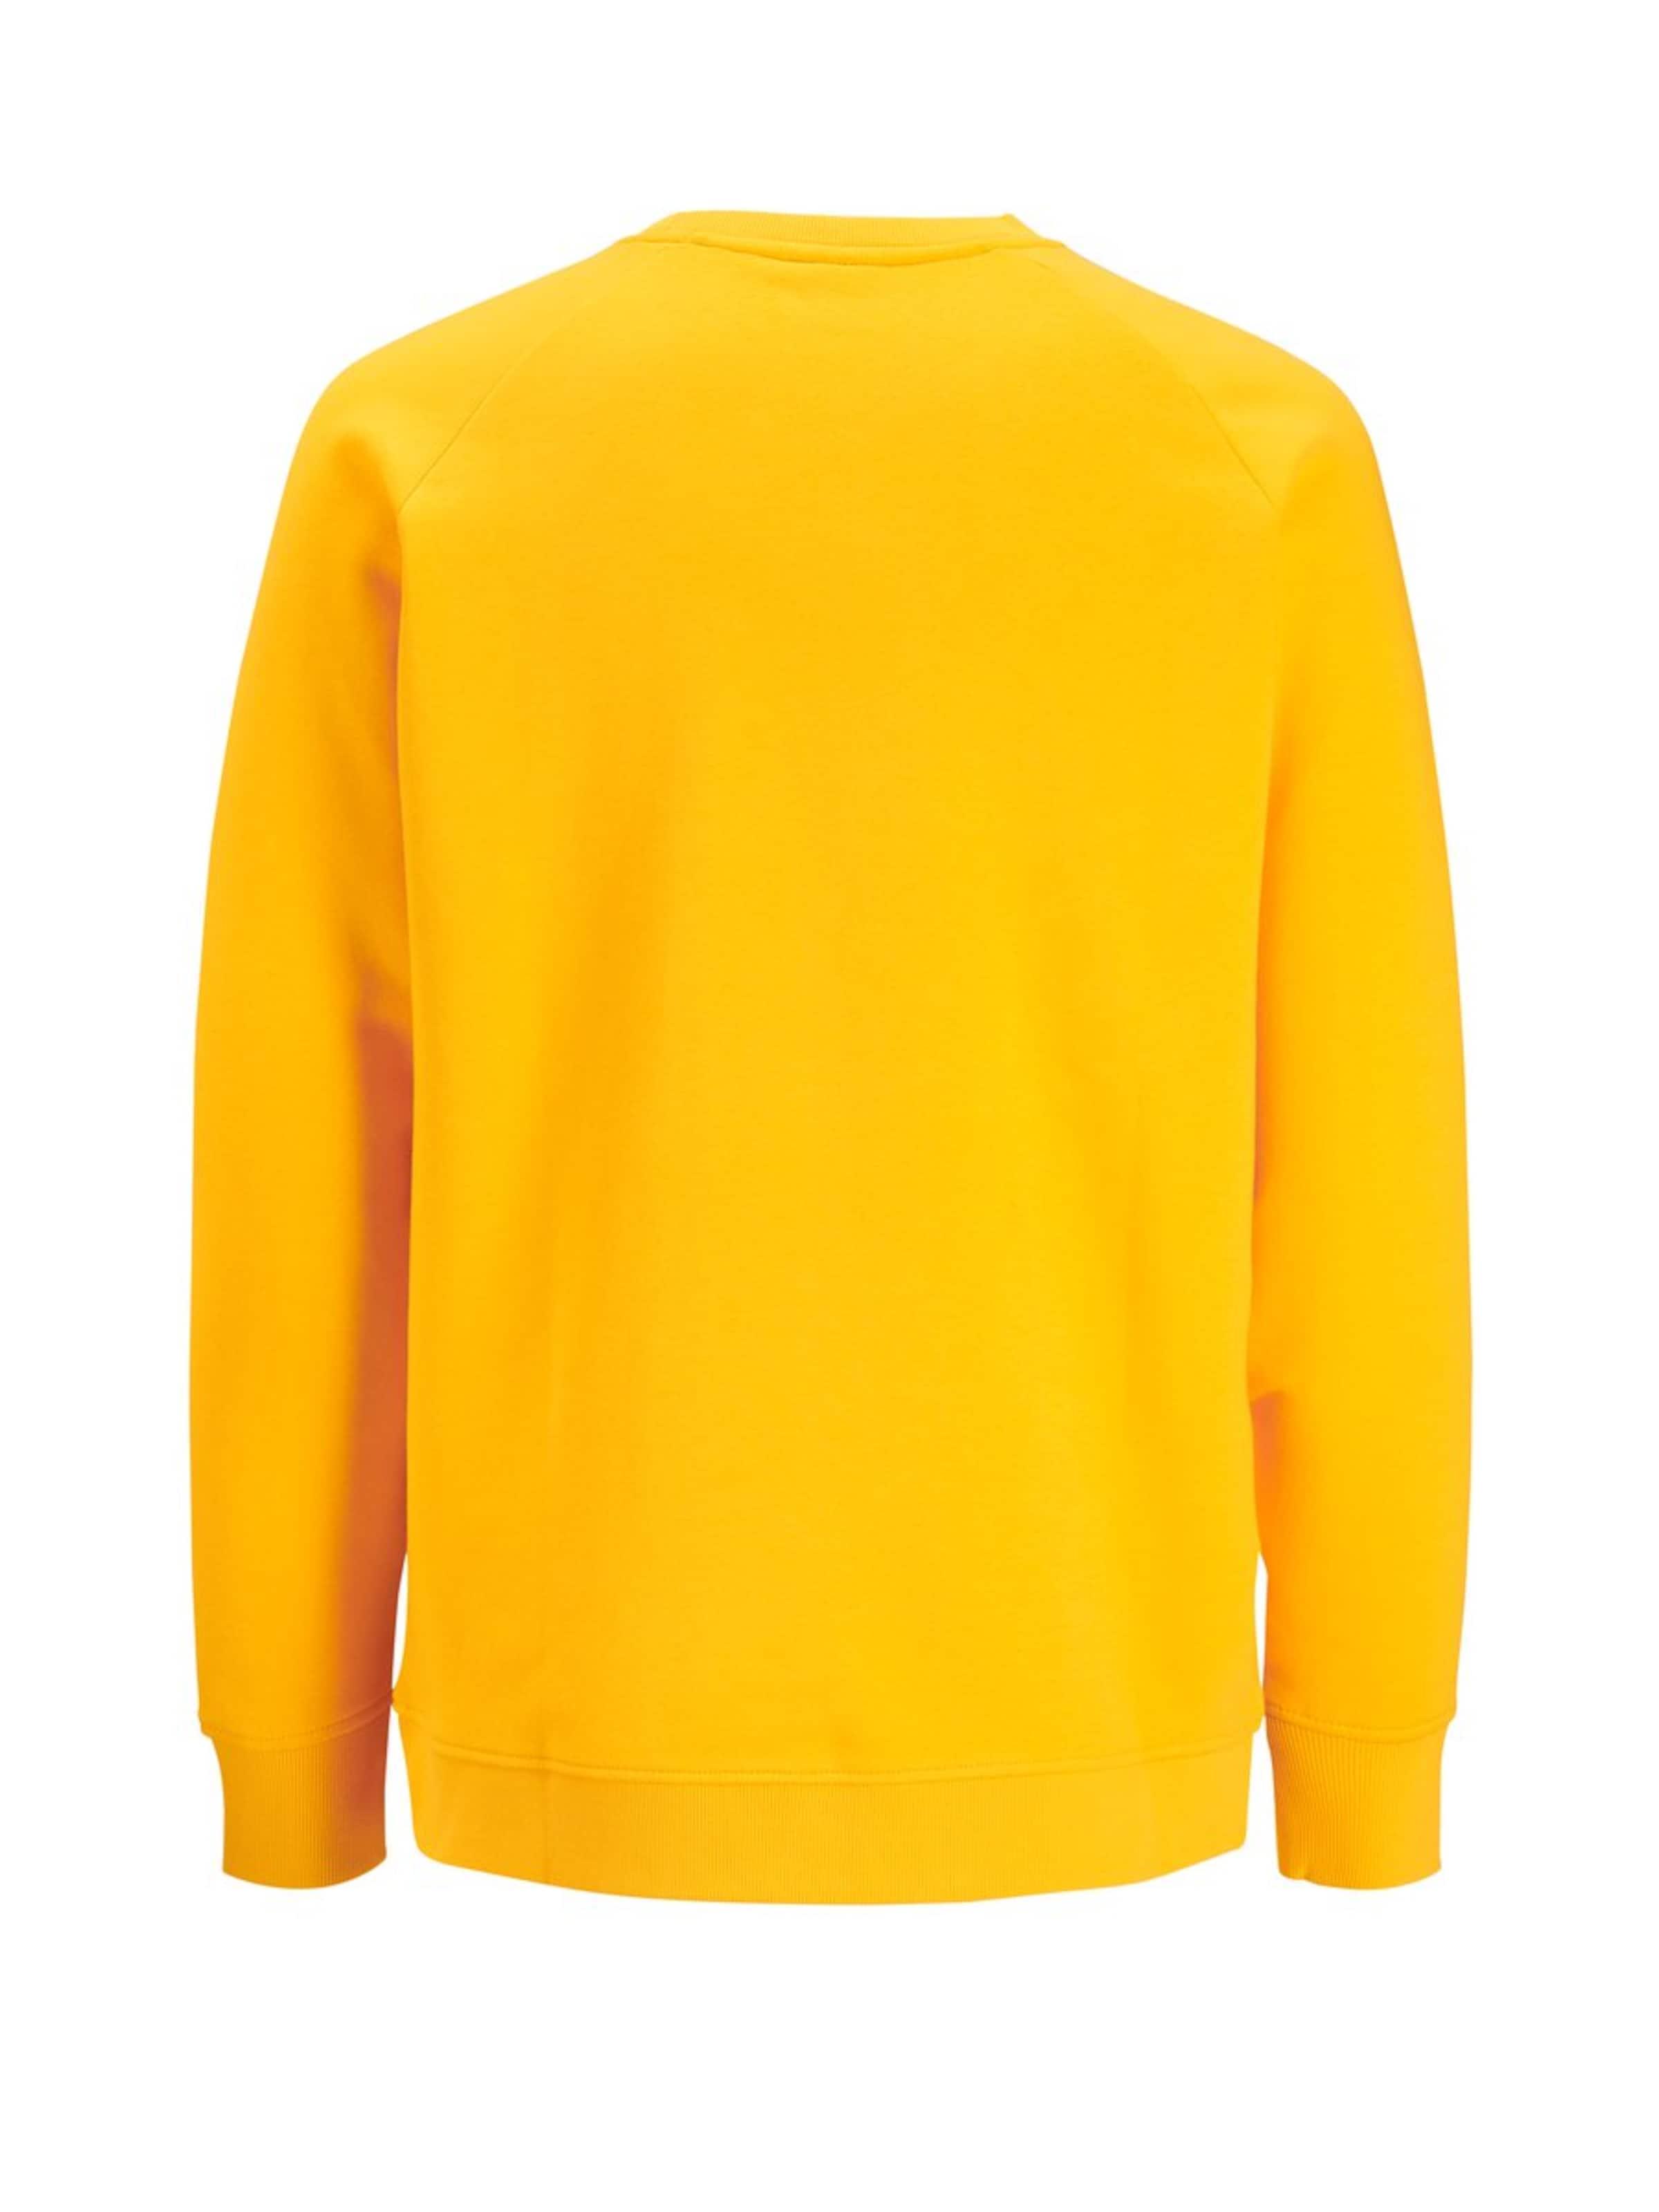 Vert Jones shirt Sweat Chiné Jackamp; En dQrBoCxWEe